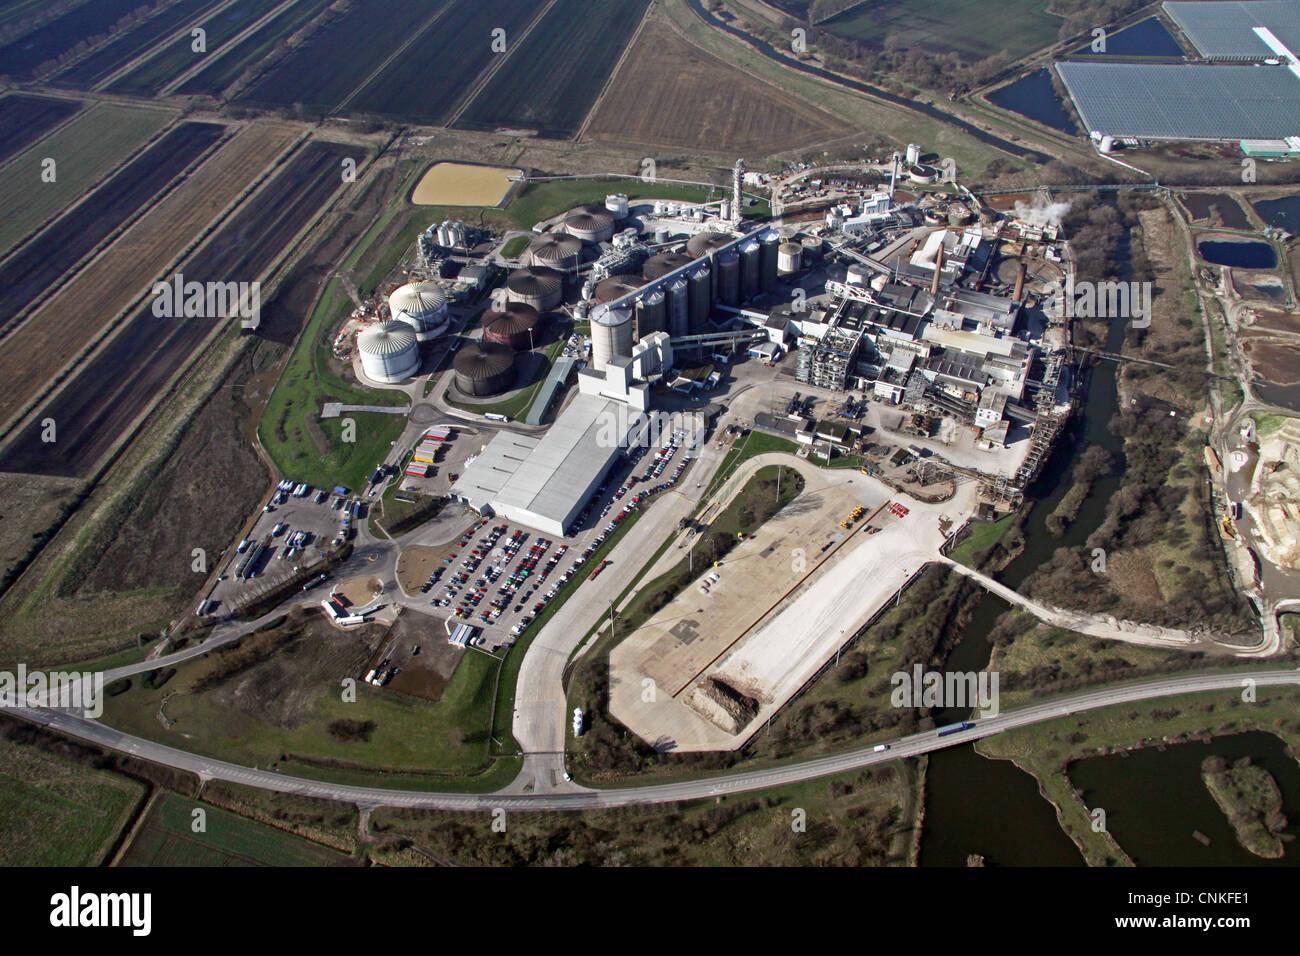 Vista aérea de la fábrica de remolacha azucarera mercado Downham Imagen De Stock